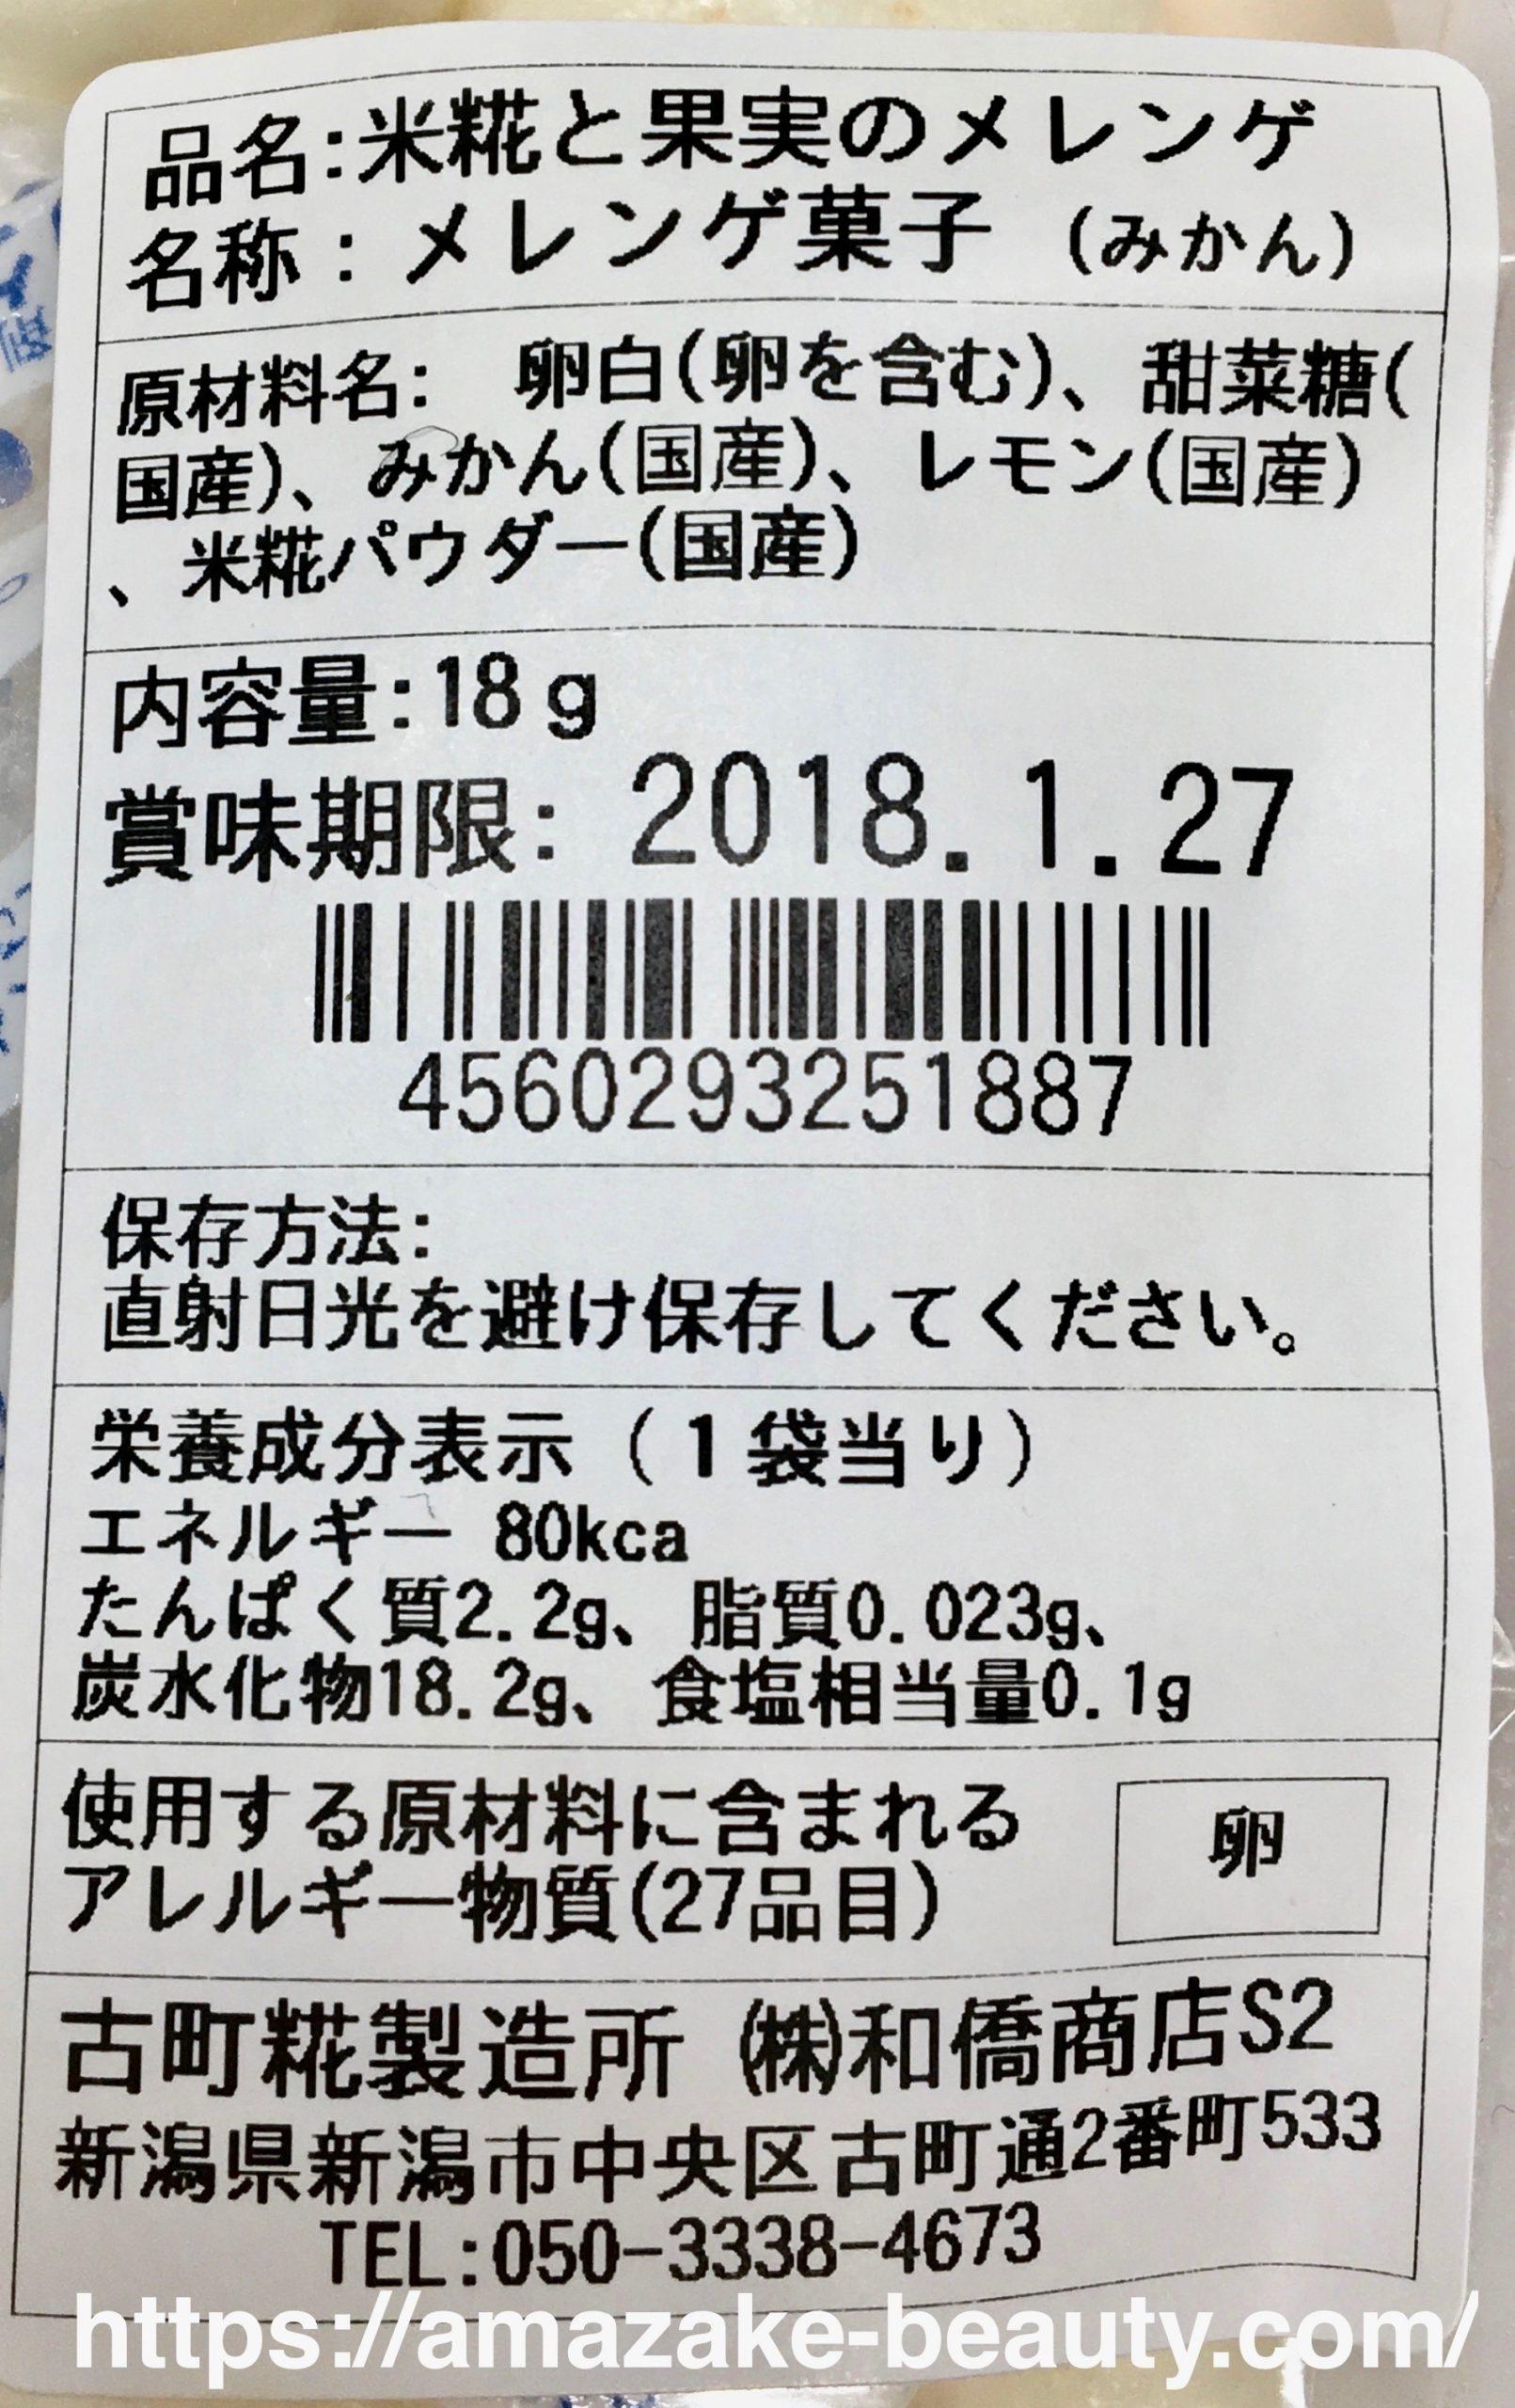 【甘酒甘味】古町糀製造所『米麹と果実のメレンゲ(みかん)』(商品情報)